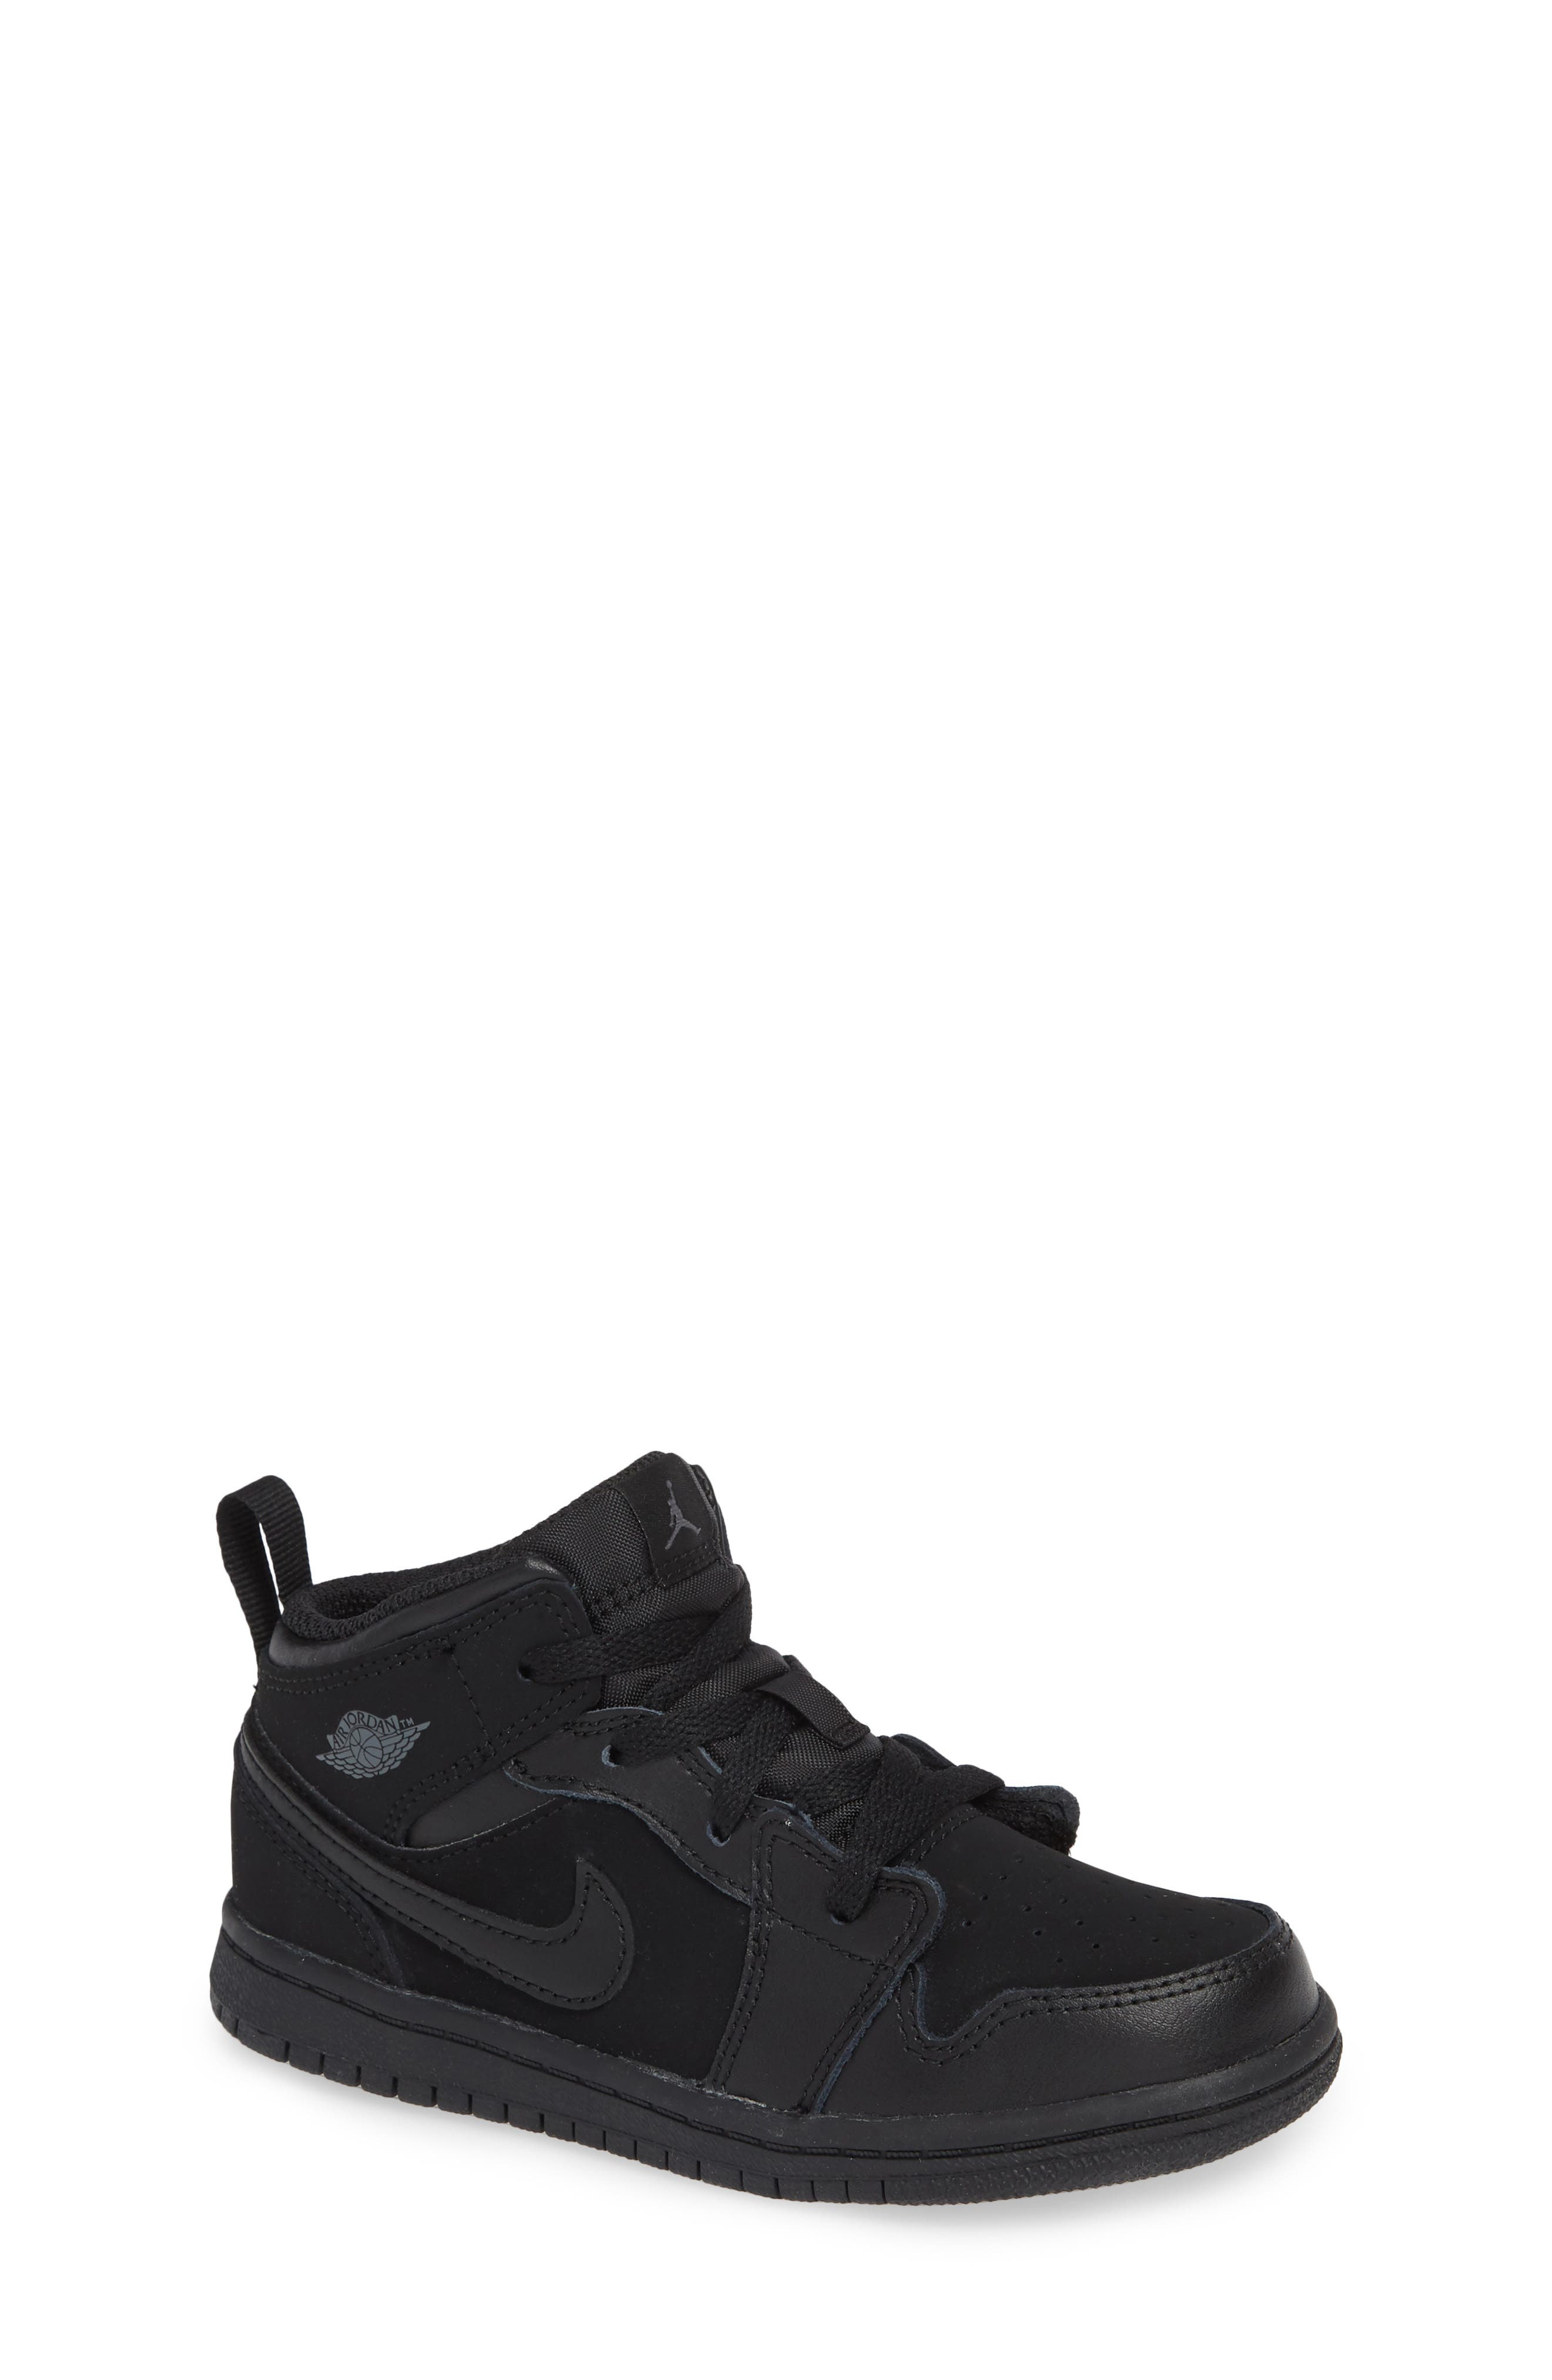 Nike 'Air Jordan 1 Mid' Sneaker,                         Main,                         color, BLACK/ DARK GREY/ BLACK